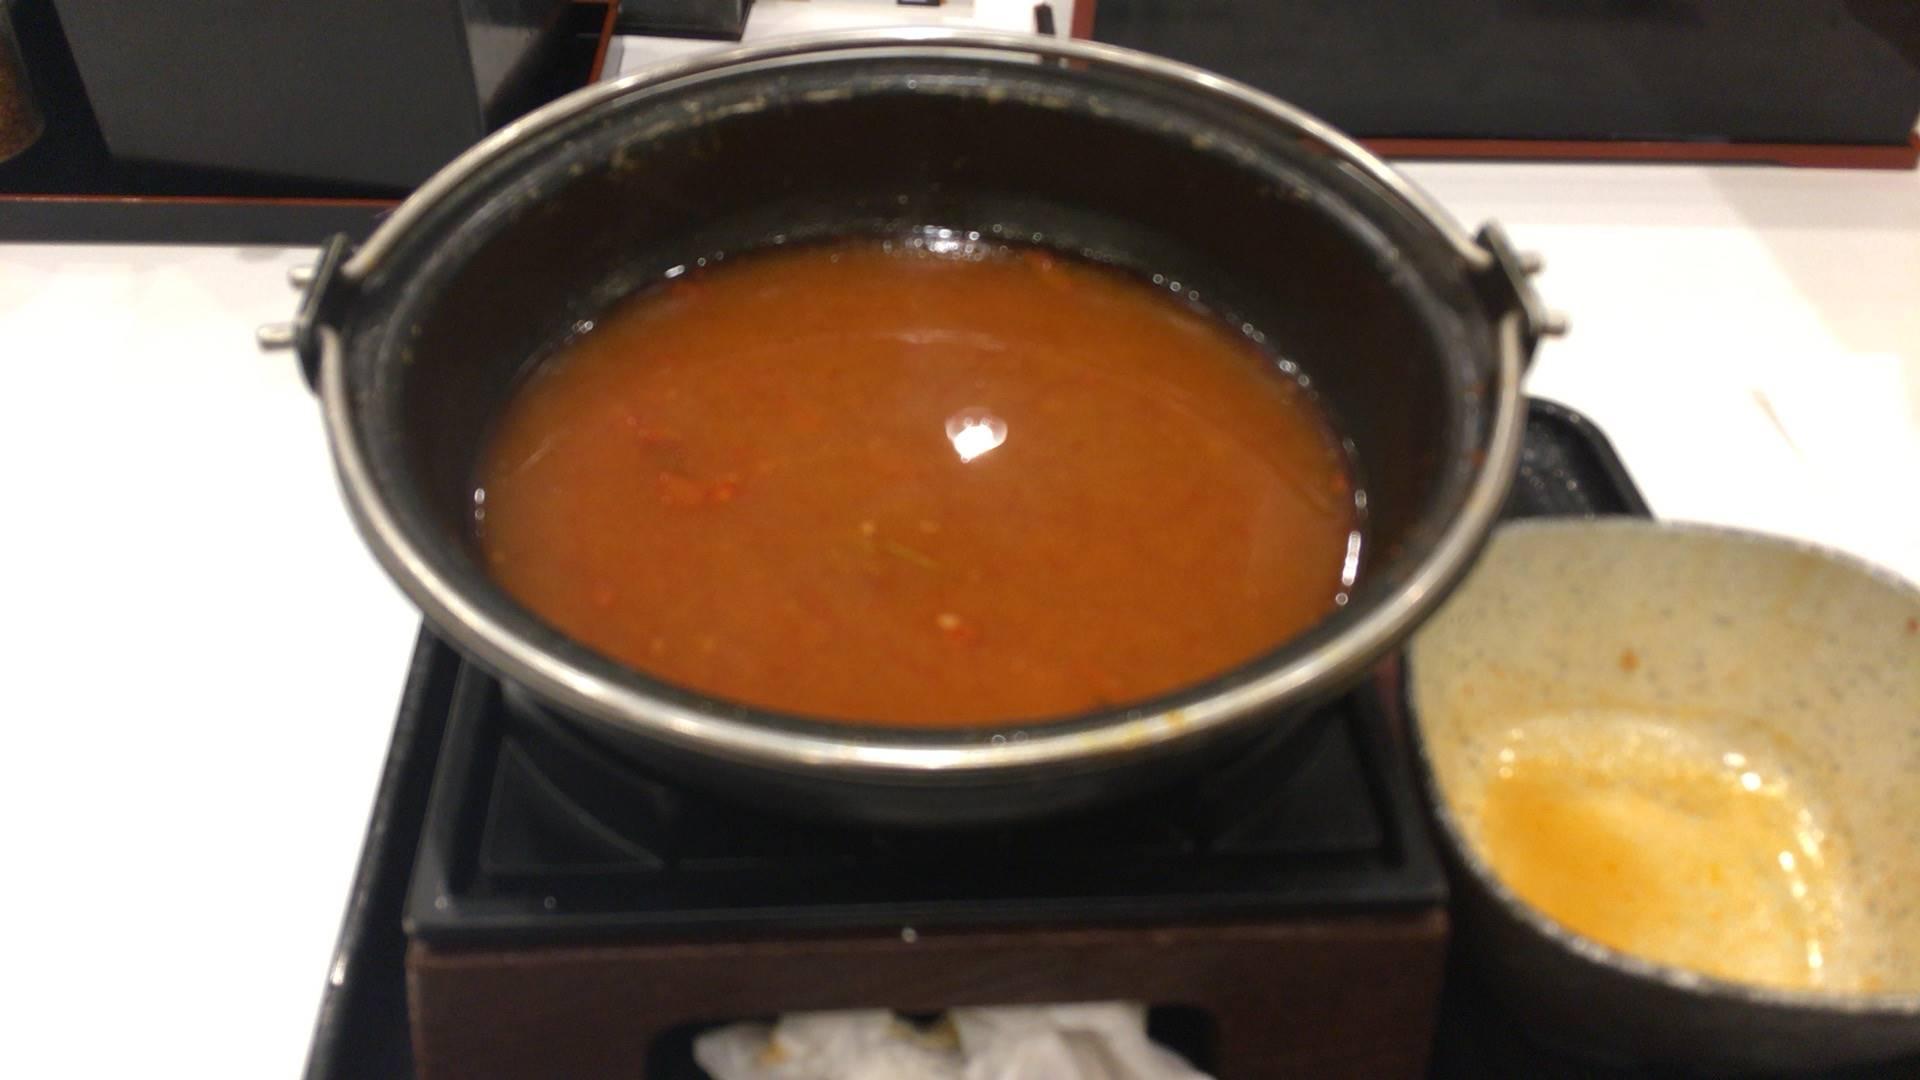 鬼辛豚チゲ鍋膳 単品「大盛り」と「肉二倍盛り」完食した鍋